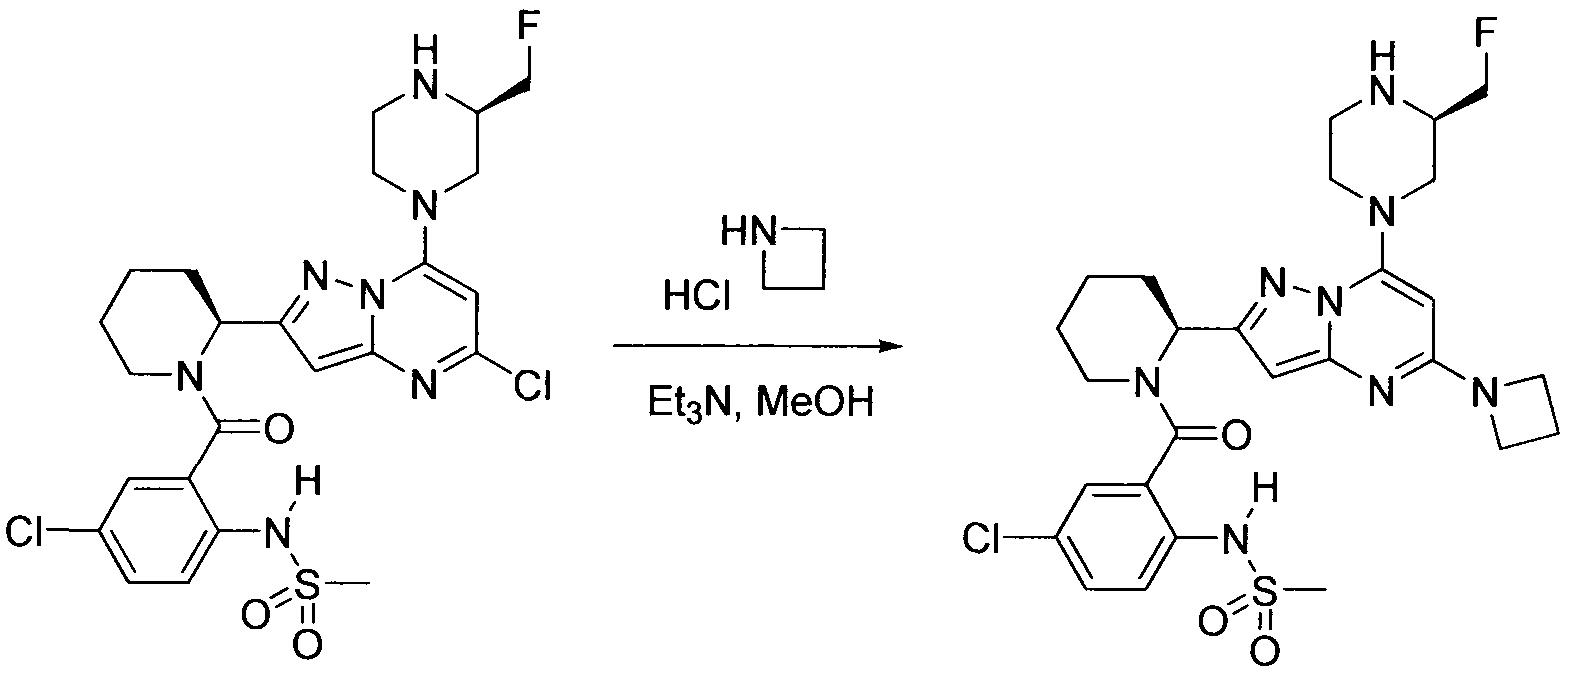 Figure imgf000346_0002